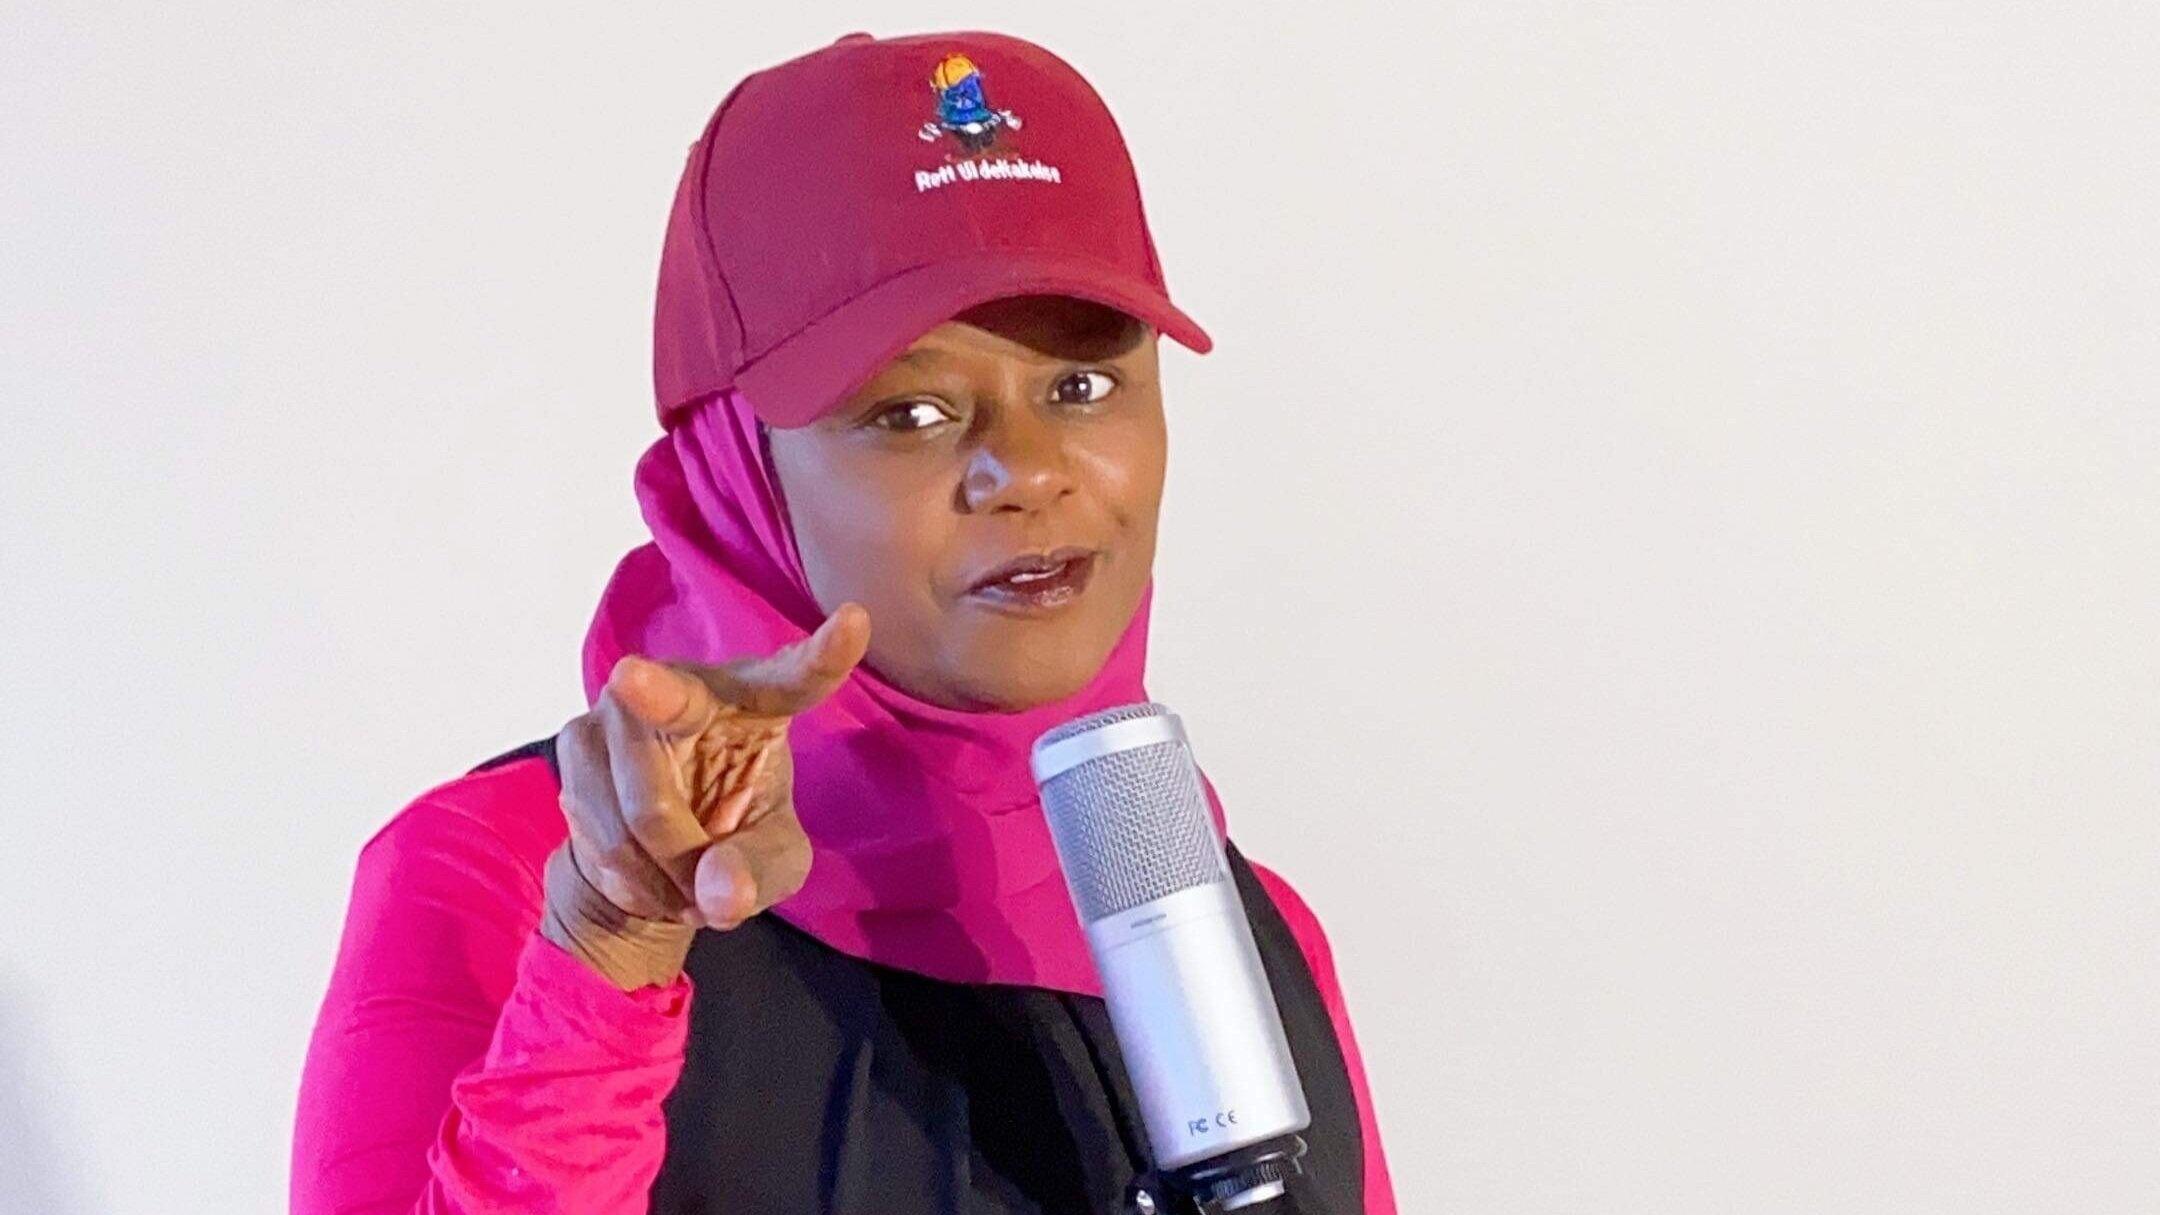 Multitalentet Faridah Nabaggala slipper sine første to låter som sanger. Dette blir moro!